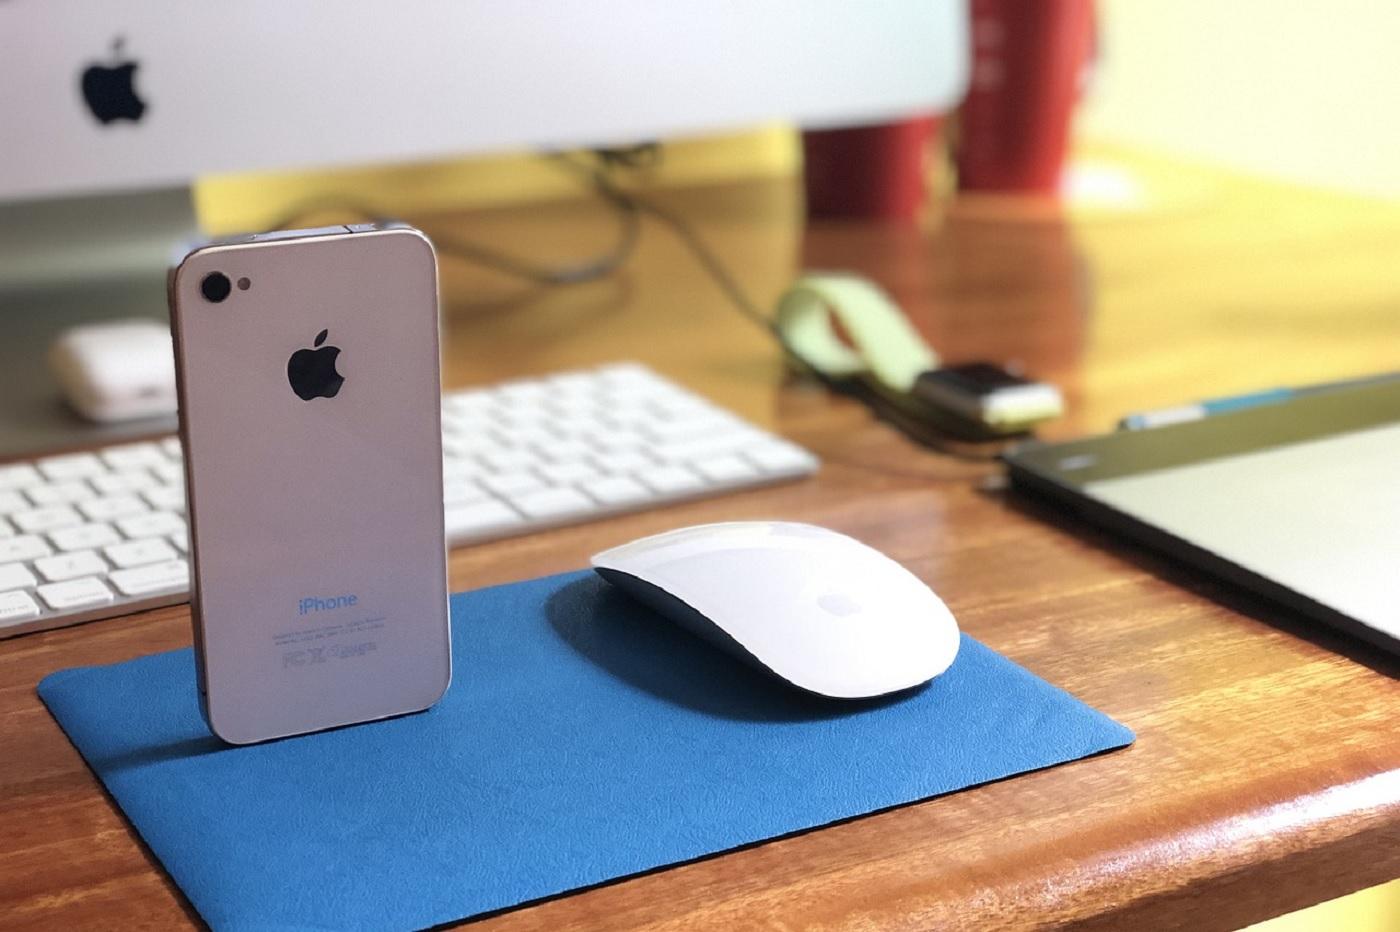 L'iPhone 4 et ses bordures plates